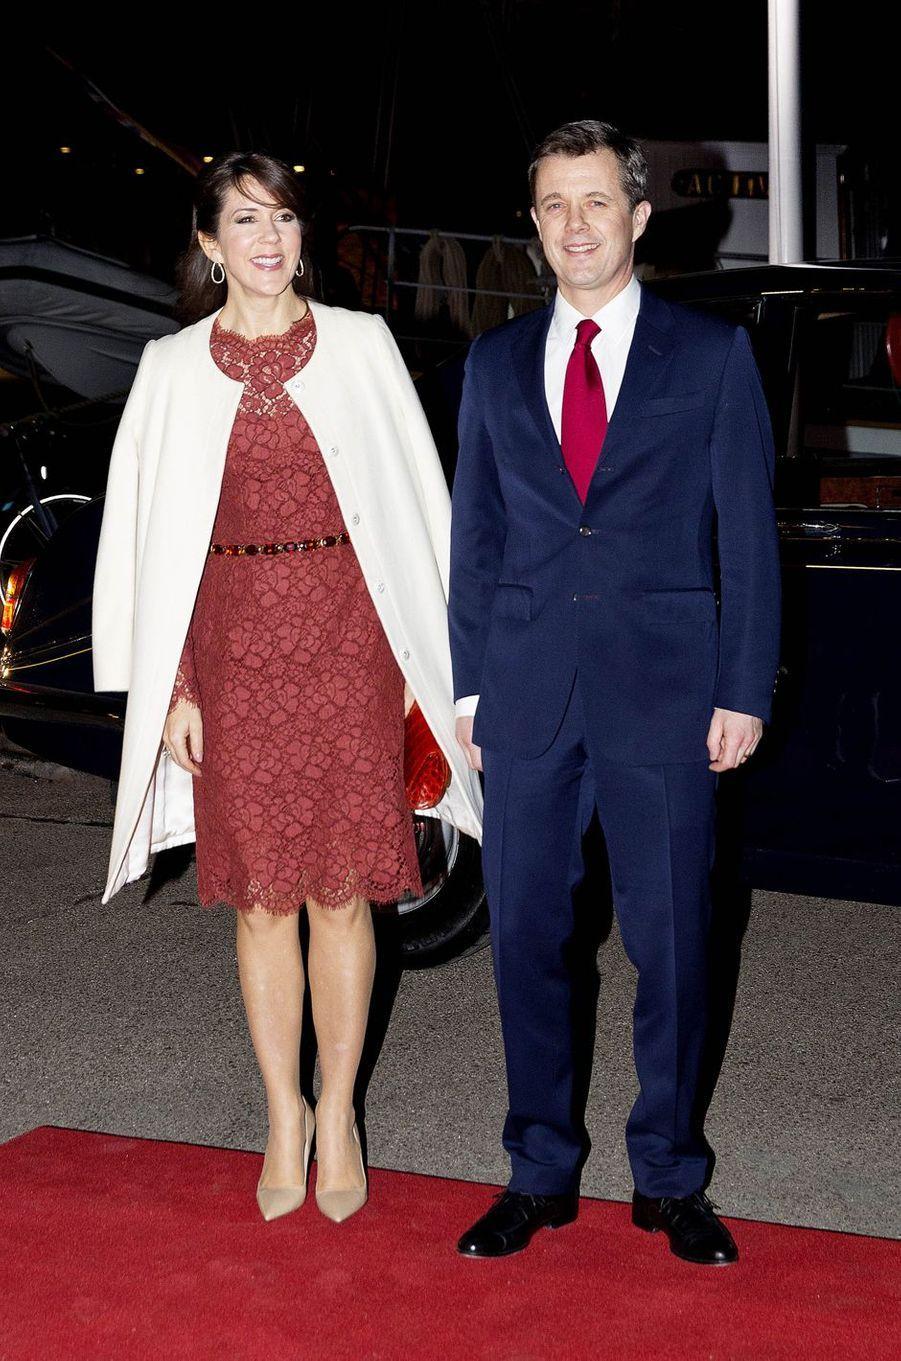 La princesse Mary et le prince Frederik de Danemark à Copenhague, le 25 janvier 2017